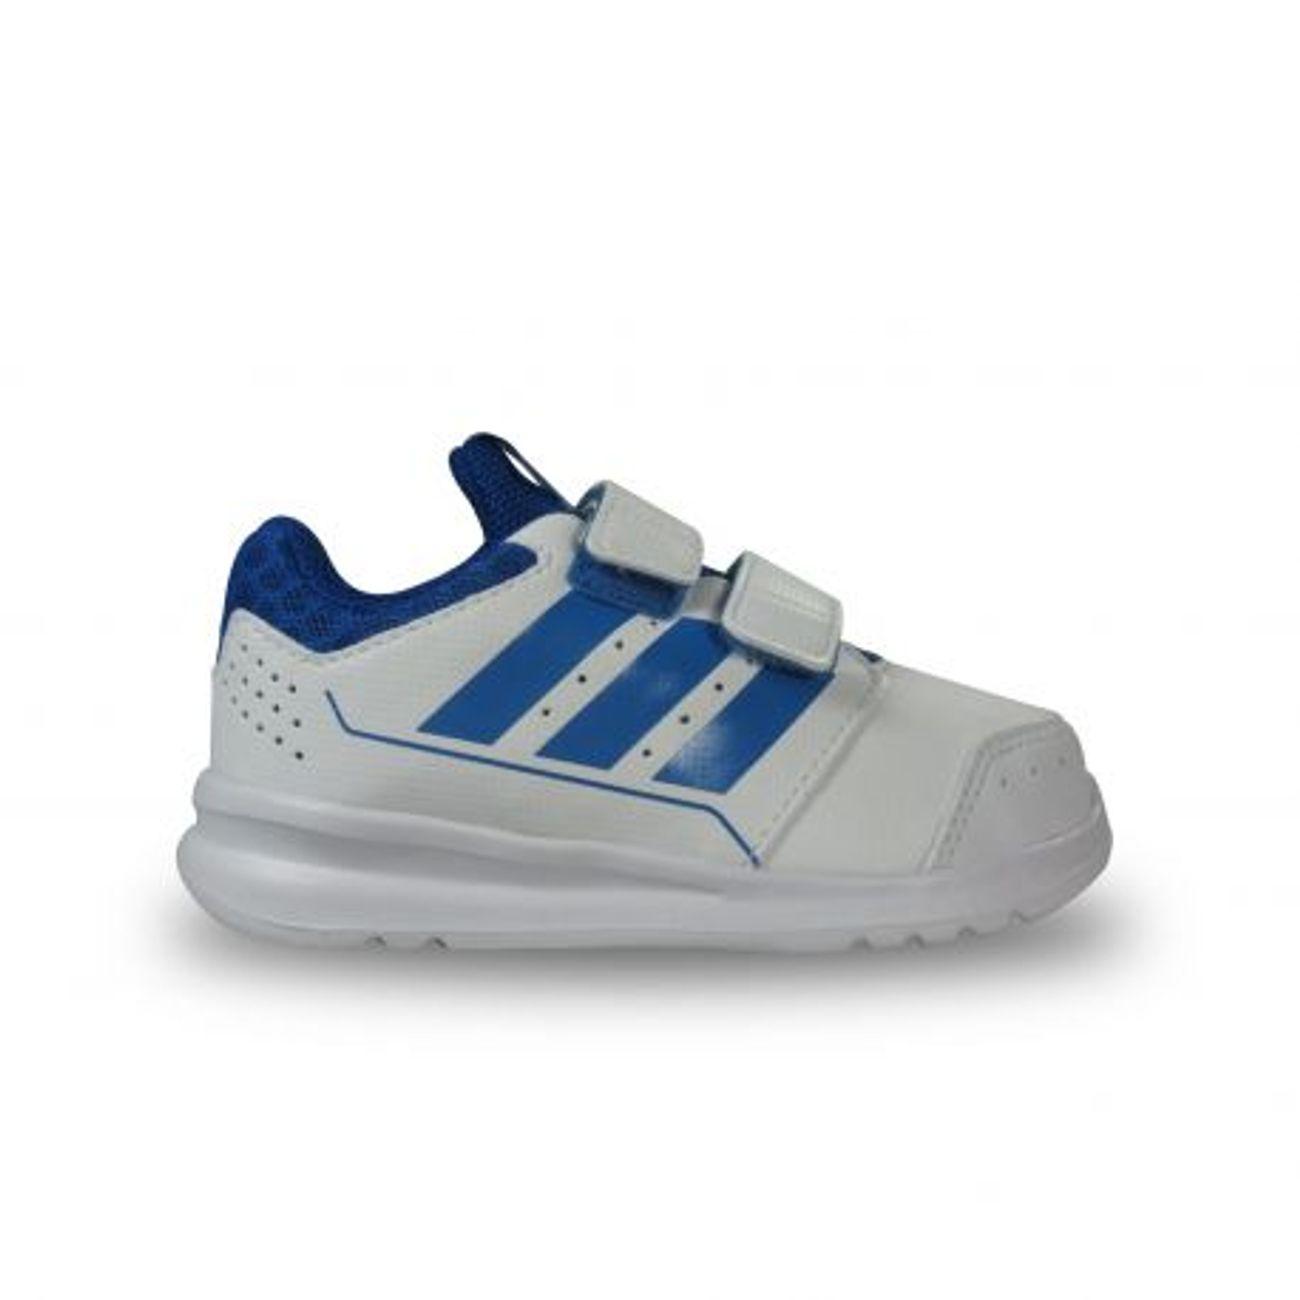 De Bébéenfant Chaussure Sport Adidas Chaussure 7yvY6gbfI